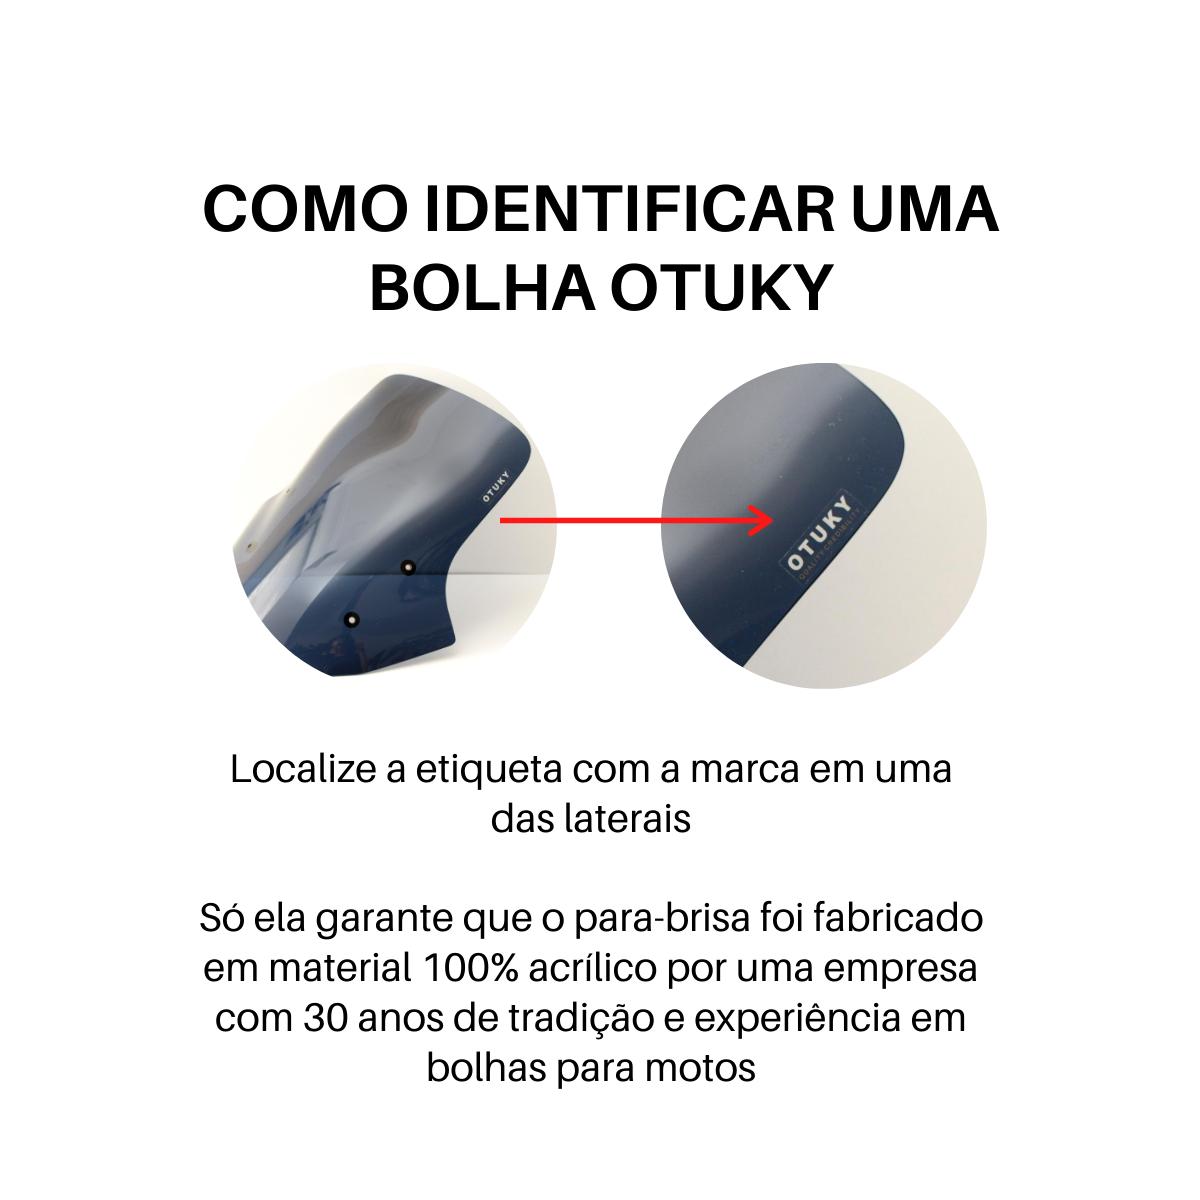 Bolha para Moto Elefantré 30.0 Padrão Otuky Fumê Escuro Azulado